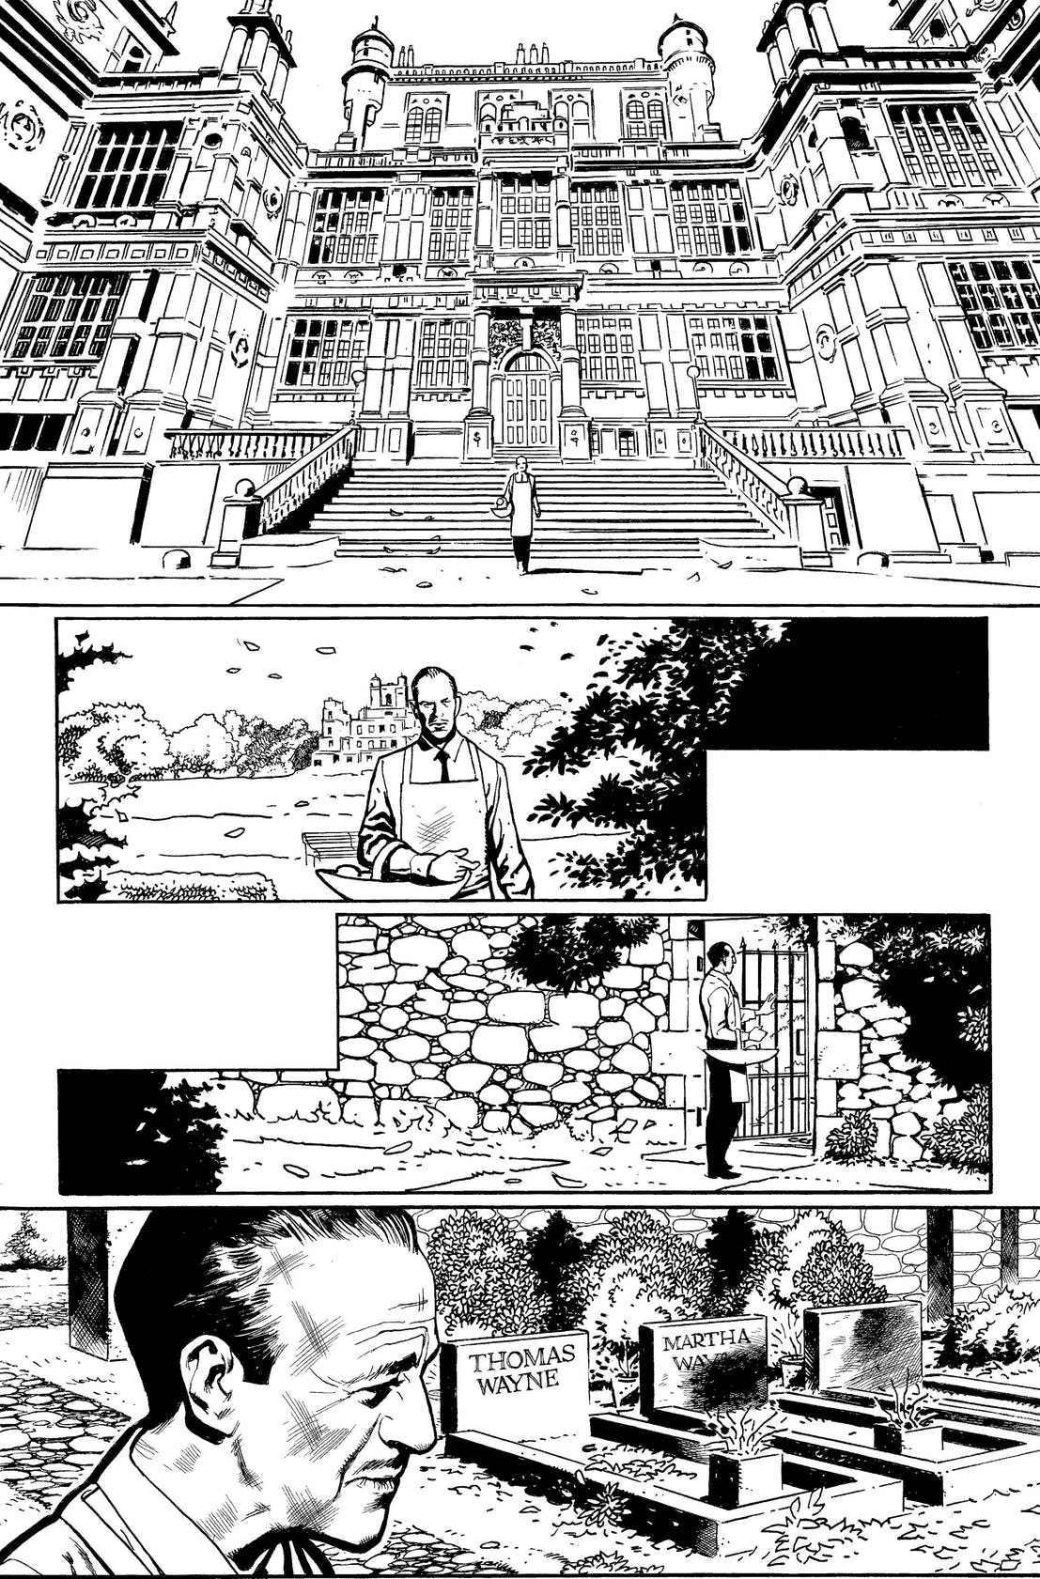 DCвыпустит комикс острахе Альфреда, что Брюс Уэйн займет место возле родителей